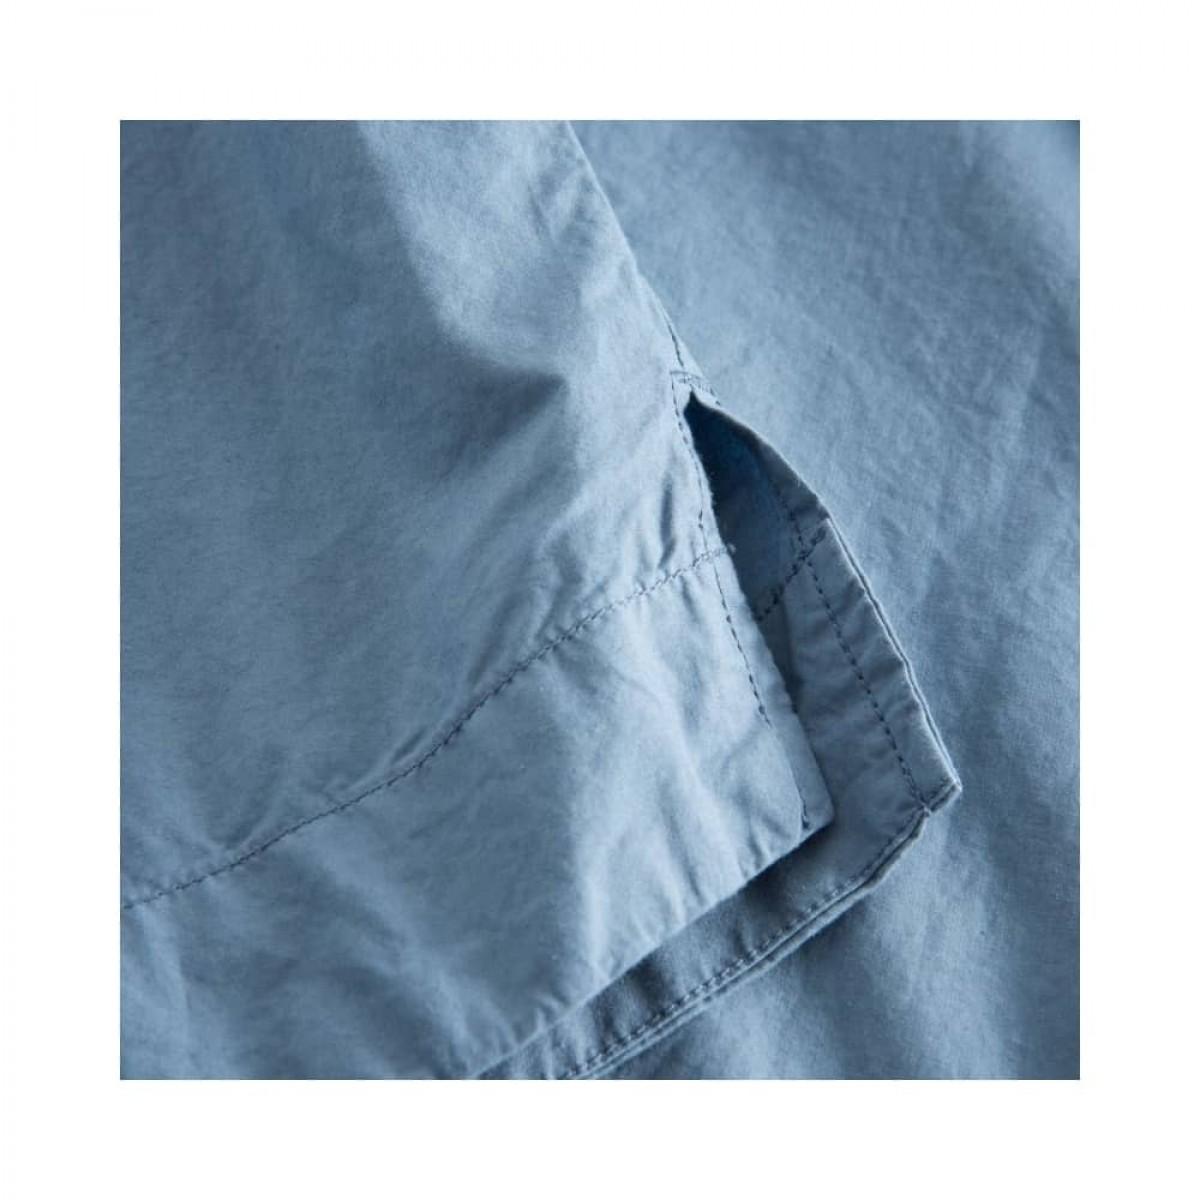 sada skjorte bluse - blue - slids detalje